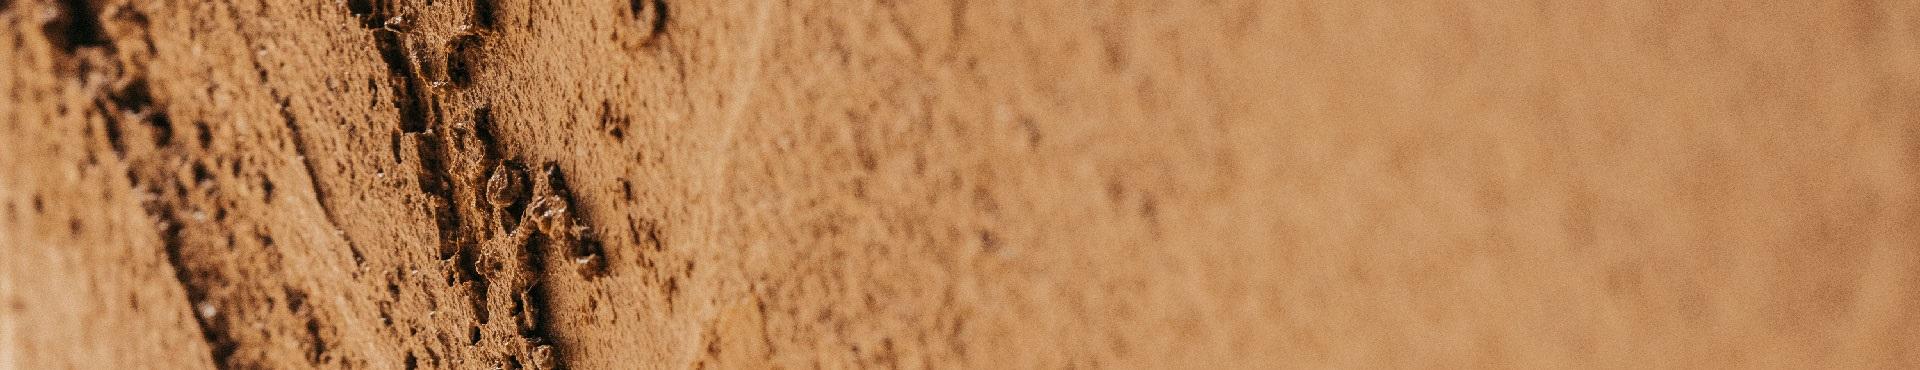 泥作設計:用泥土打造自然家居